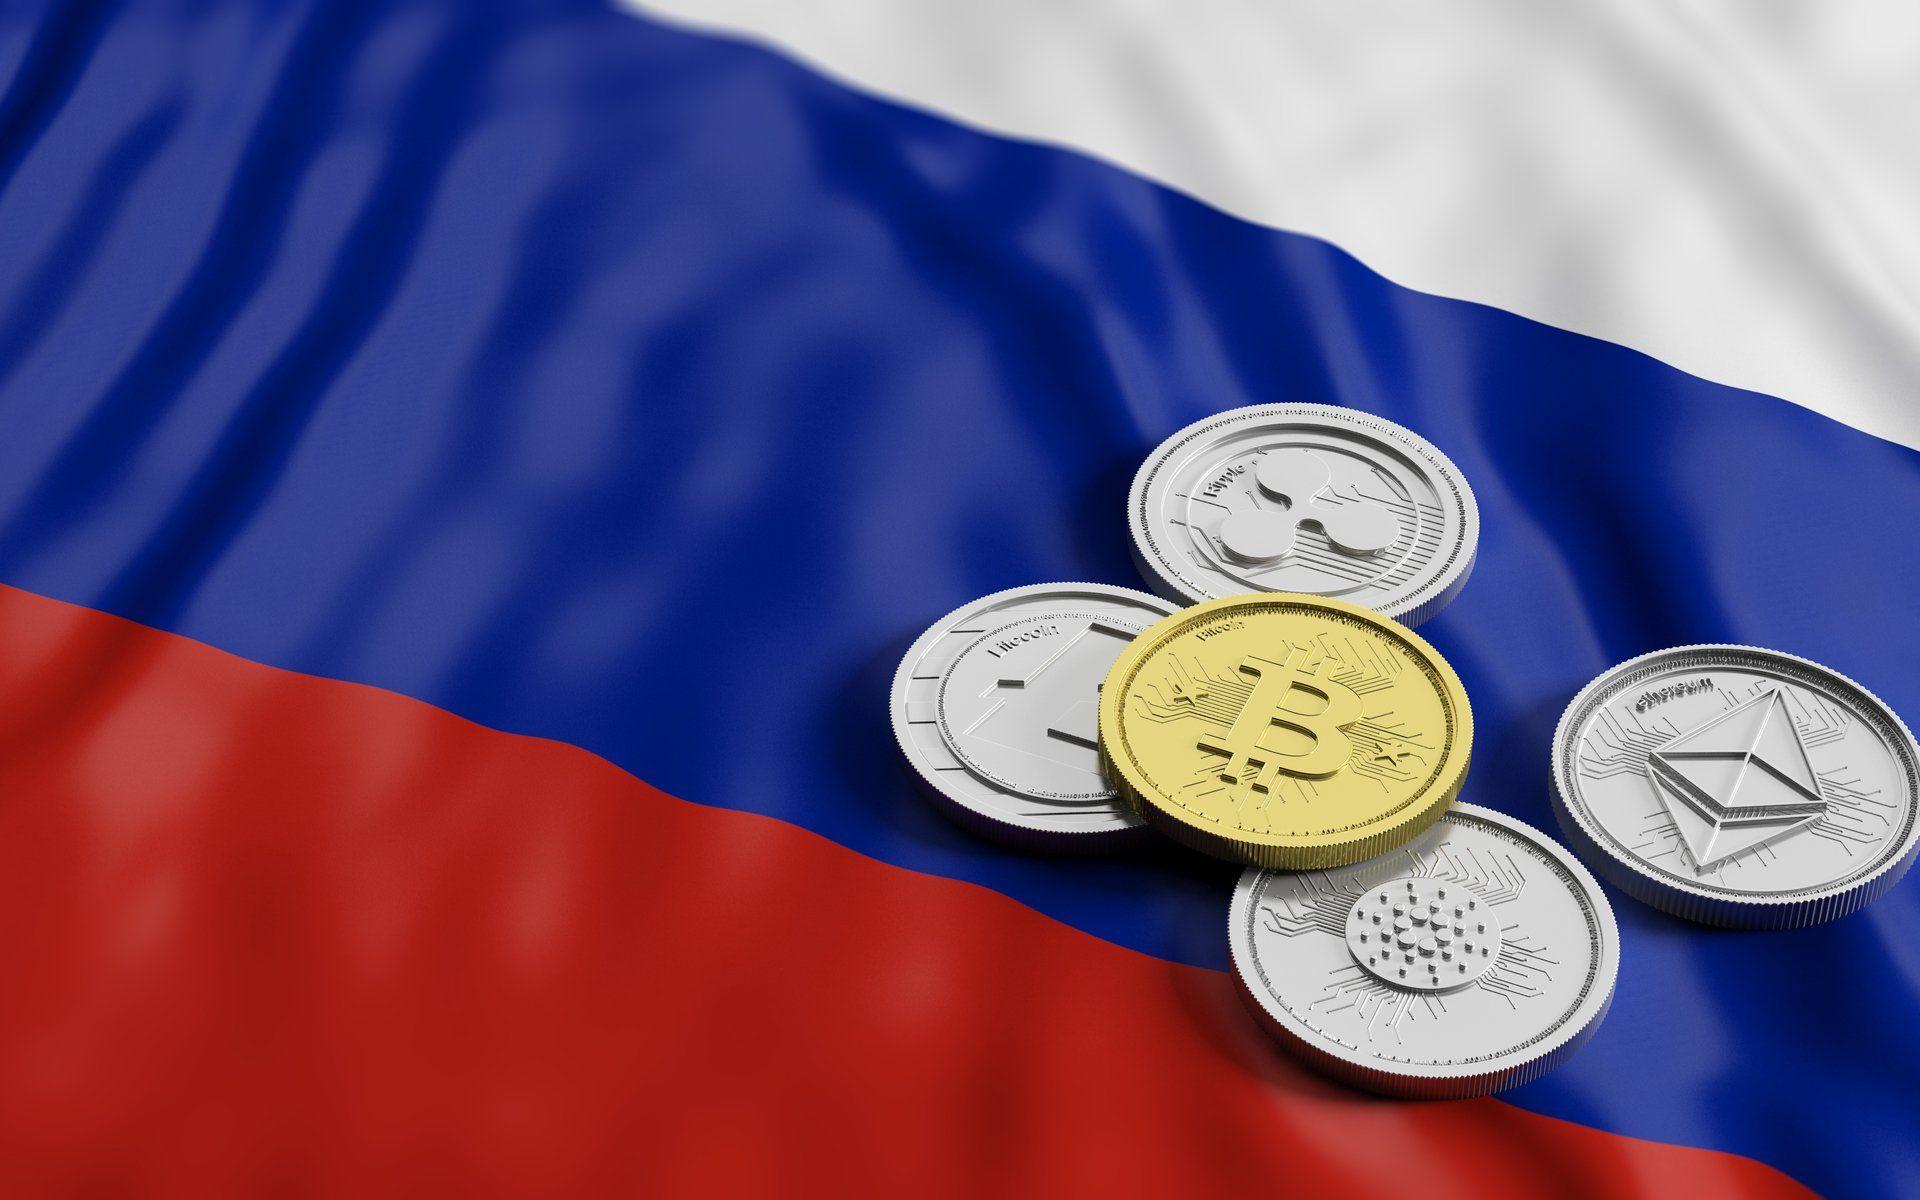 Nga tiết lộ các quy định ICO, hỗ trợ bởi đồng Rúp